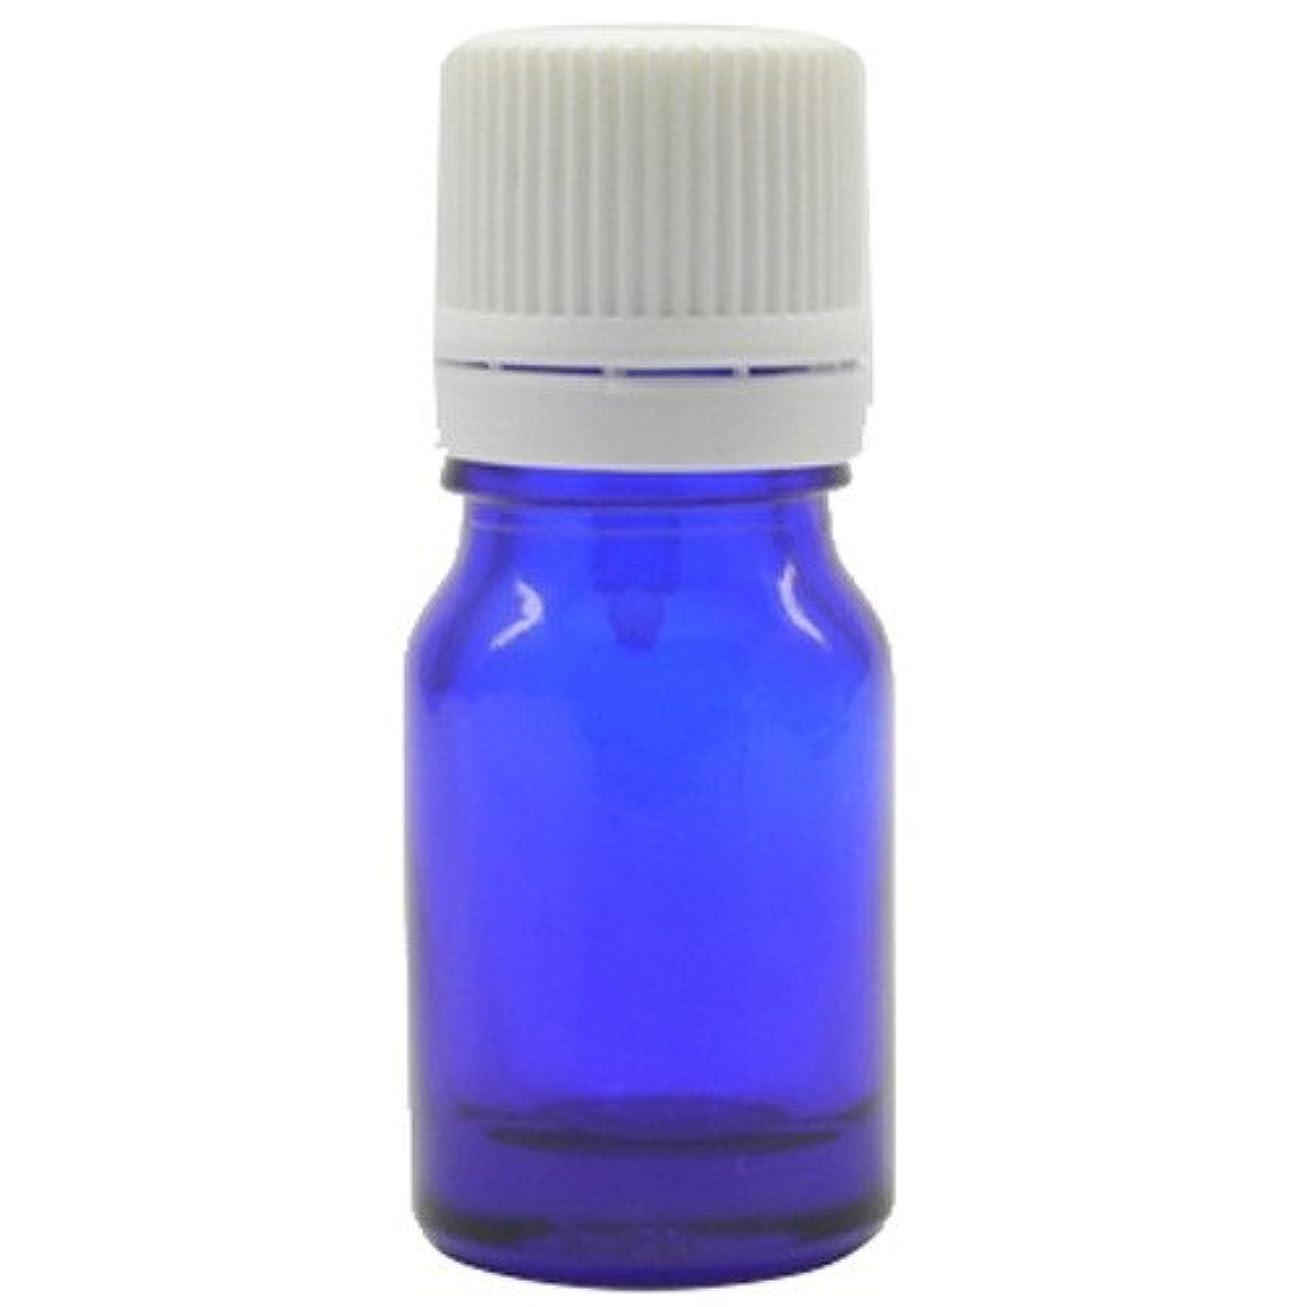 かもめ荒廃するビリーヤギアロマアンドライフ (K)ブルー瓶5mlドロップ栓白キャップ 3本セット